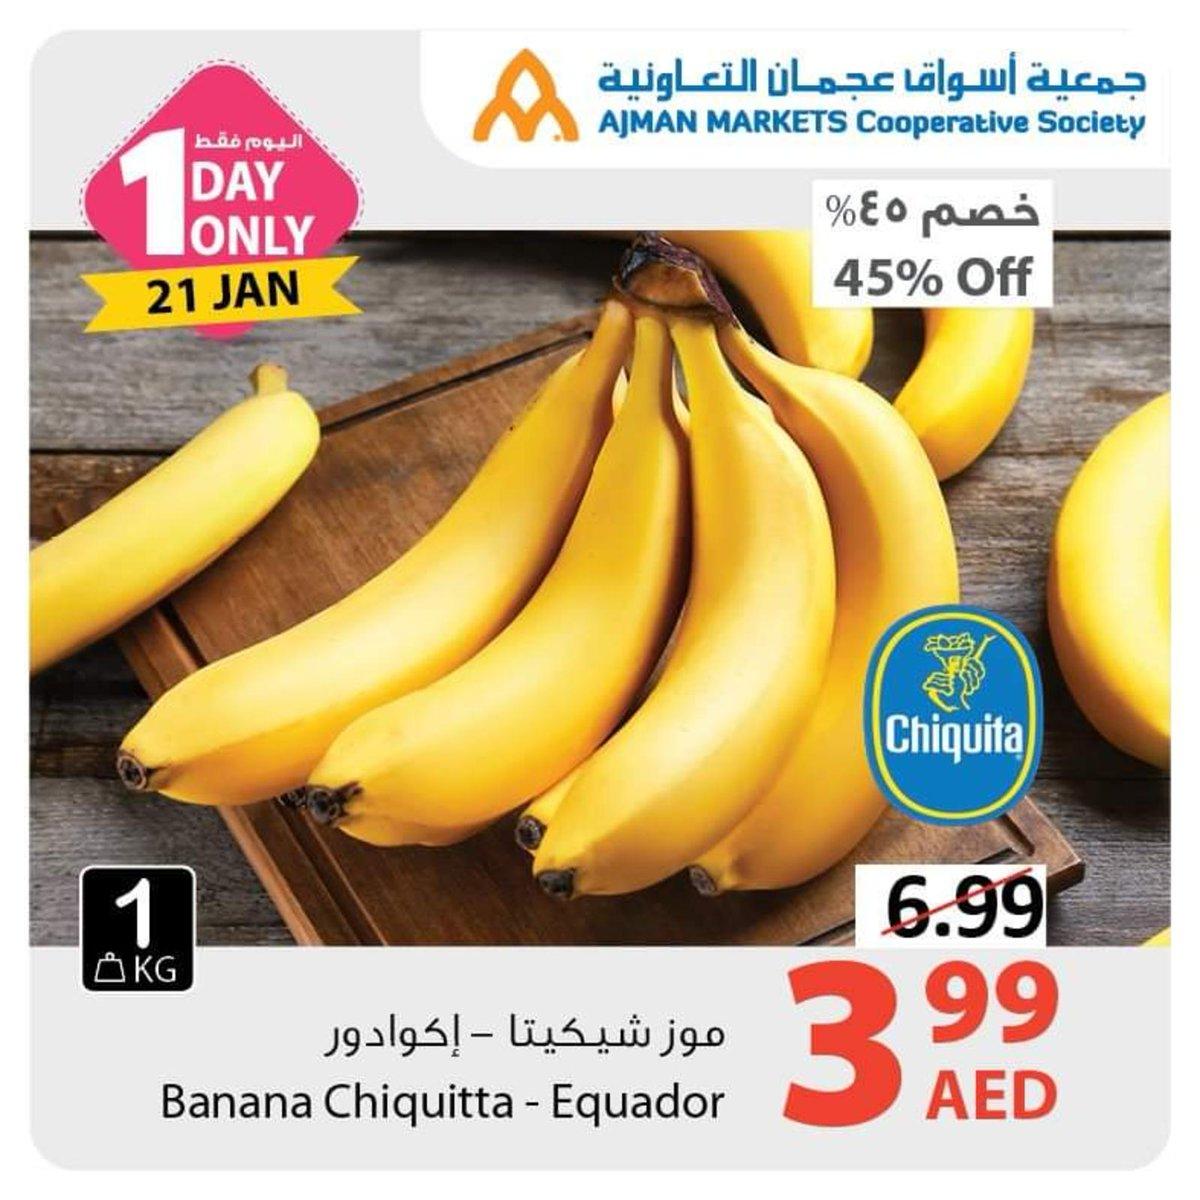 عروض جمعية أسواق عجمان الإمارات الثلاثاء 21-1-2020   Ajman markets coop UAE offers Tues 21-1-2020 http://api.tsawq.net/134753pic.twitter.com/mVjwYI7jS4